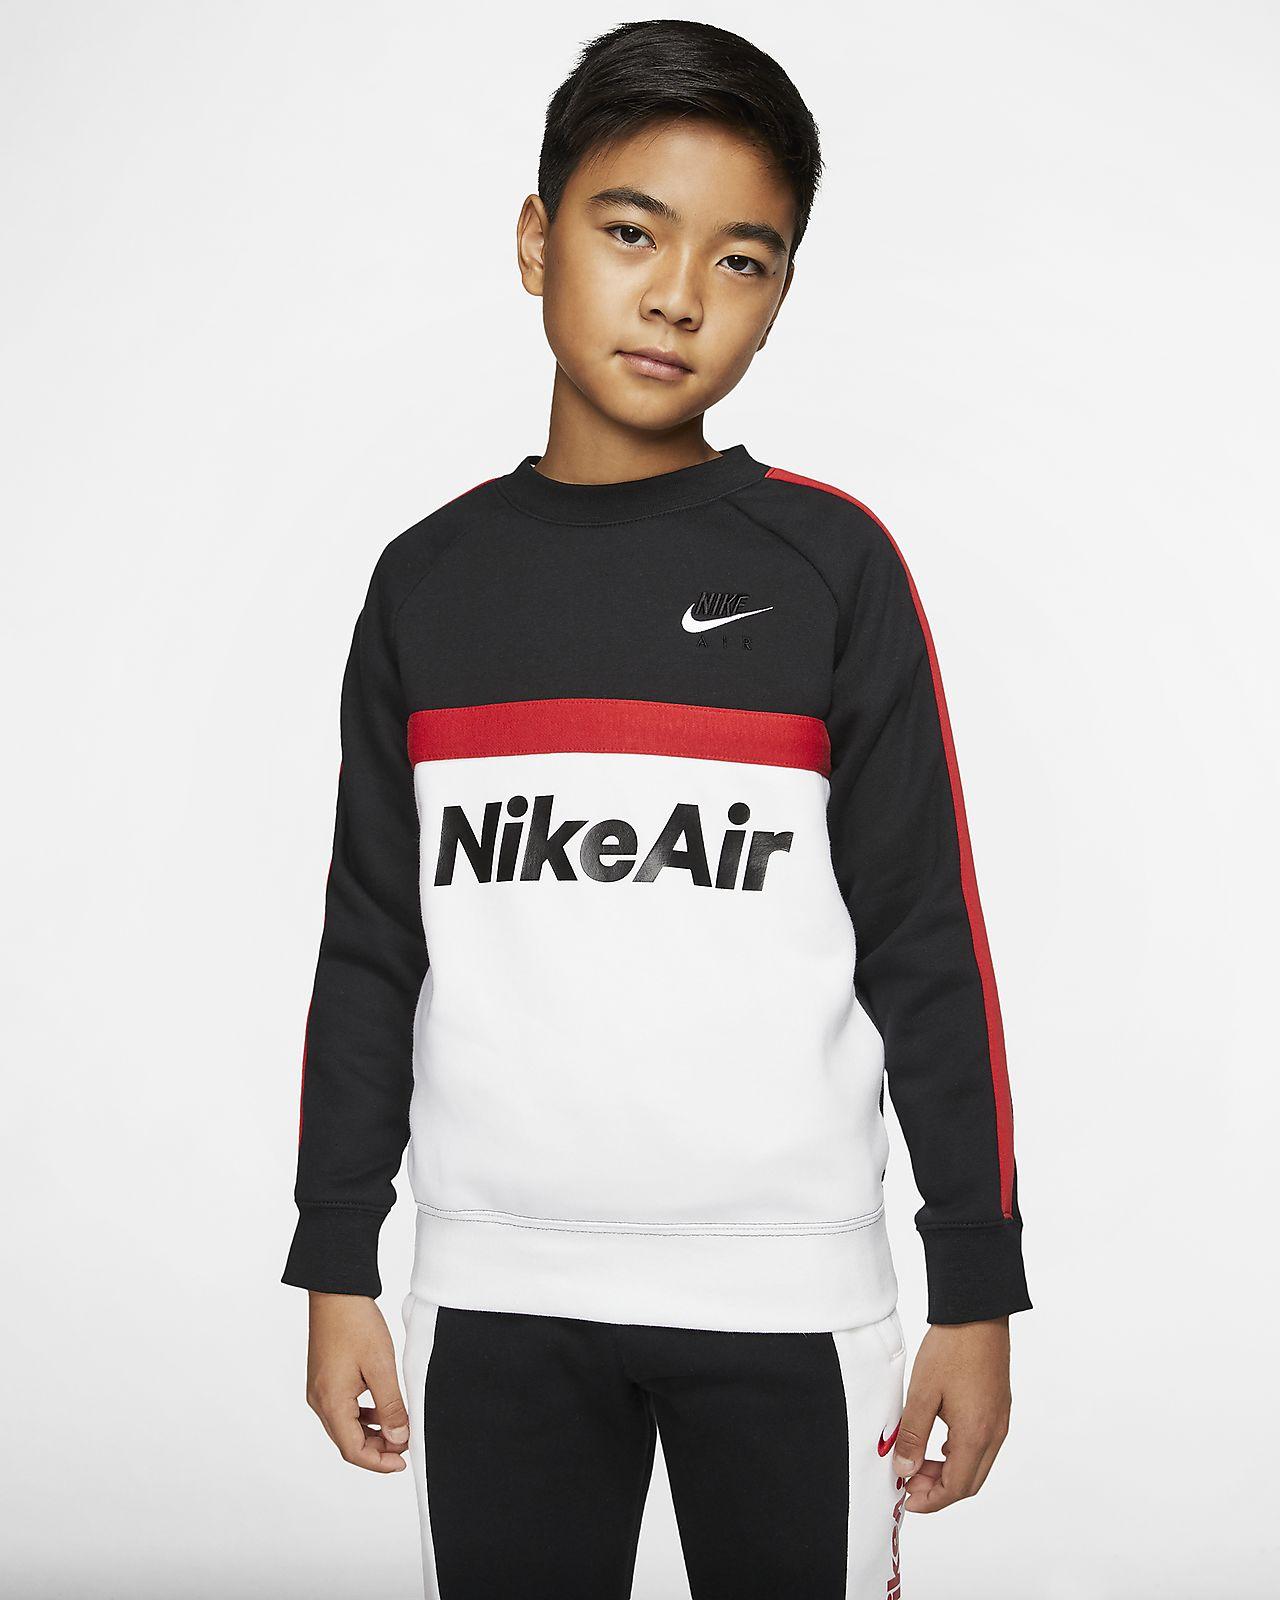 Μπλούζα Nike Air για μεγάλα αγόρια